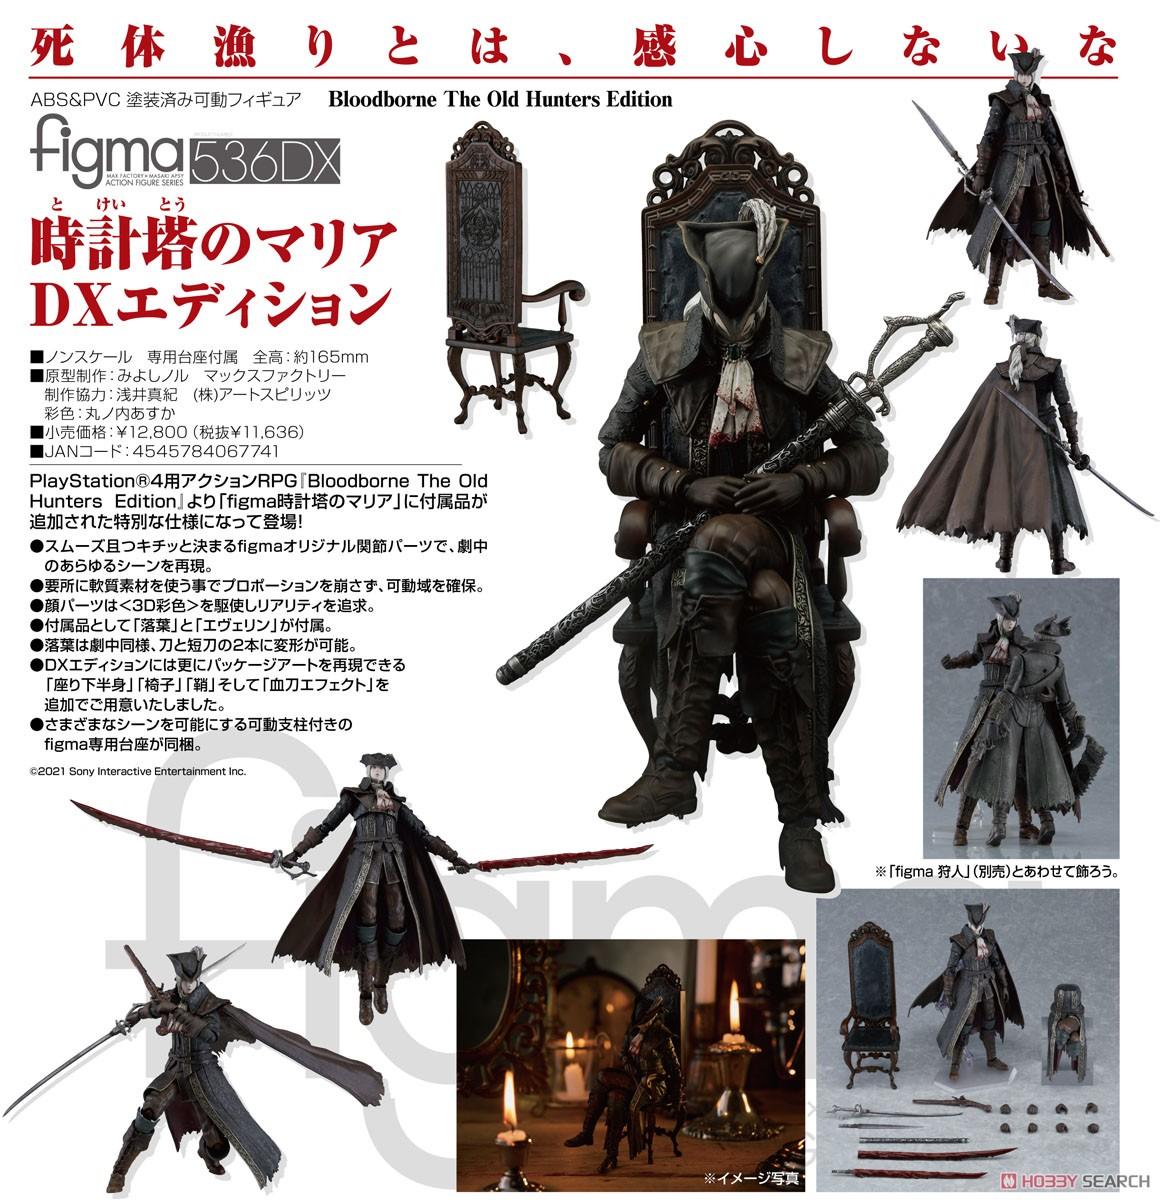 figma『時計塔のマリア DXエディション』Bloodborne The Old Hunters Edition 可動フィギュア-016